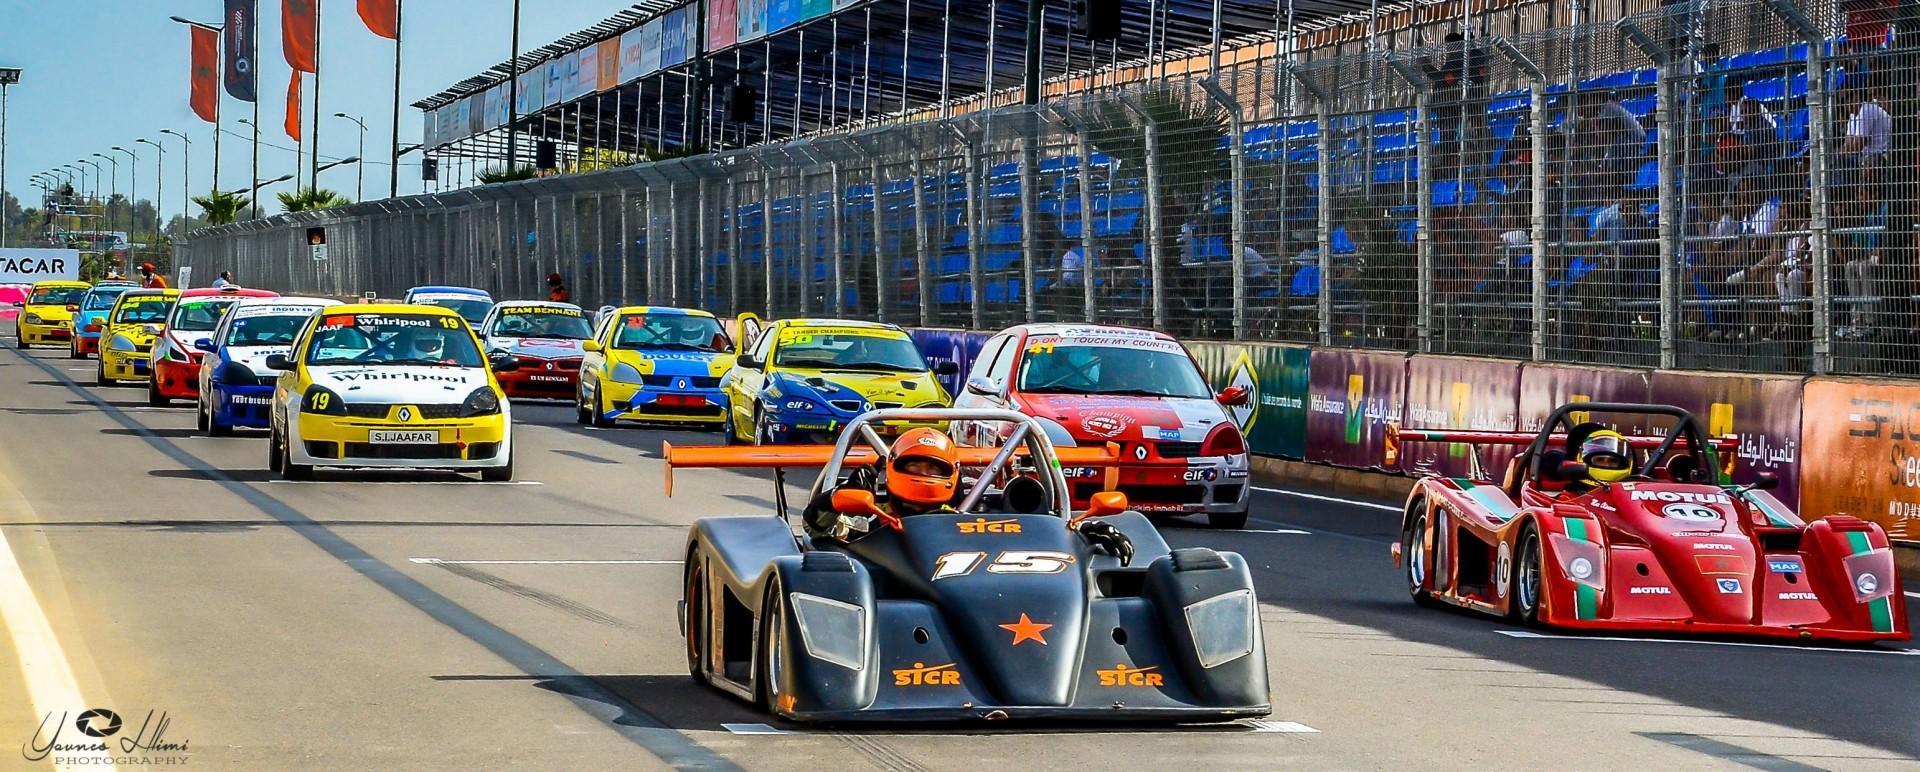 Quelle est la voiture la plus rapide sur nos circuits ???